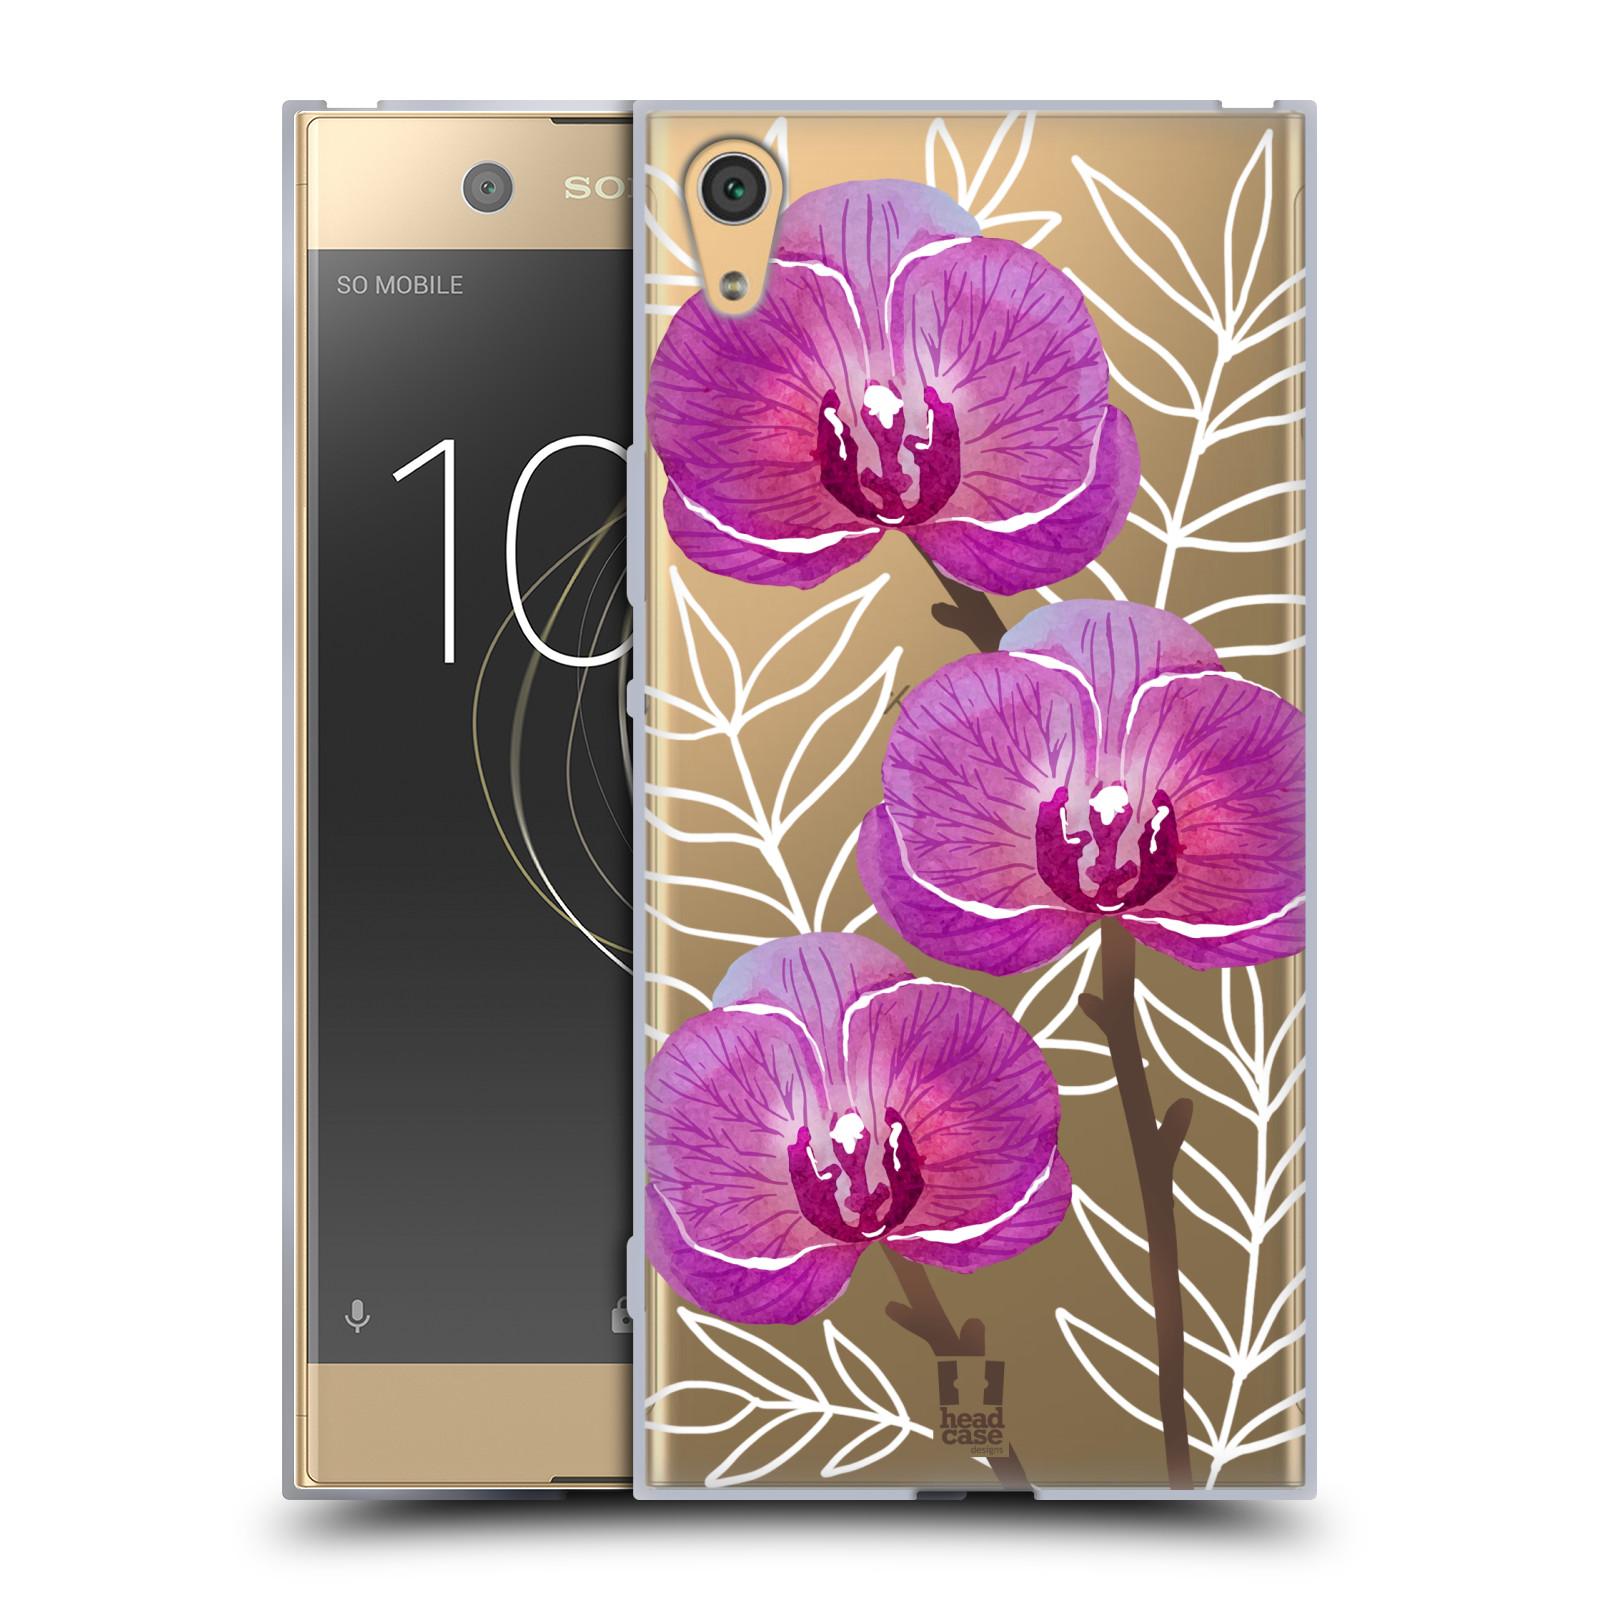 HEAD CASE silikonový obal na mobil Sony Xperia XA1 ULTRA Orchideje fialová